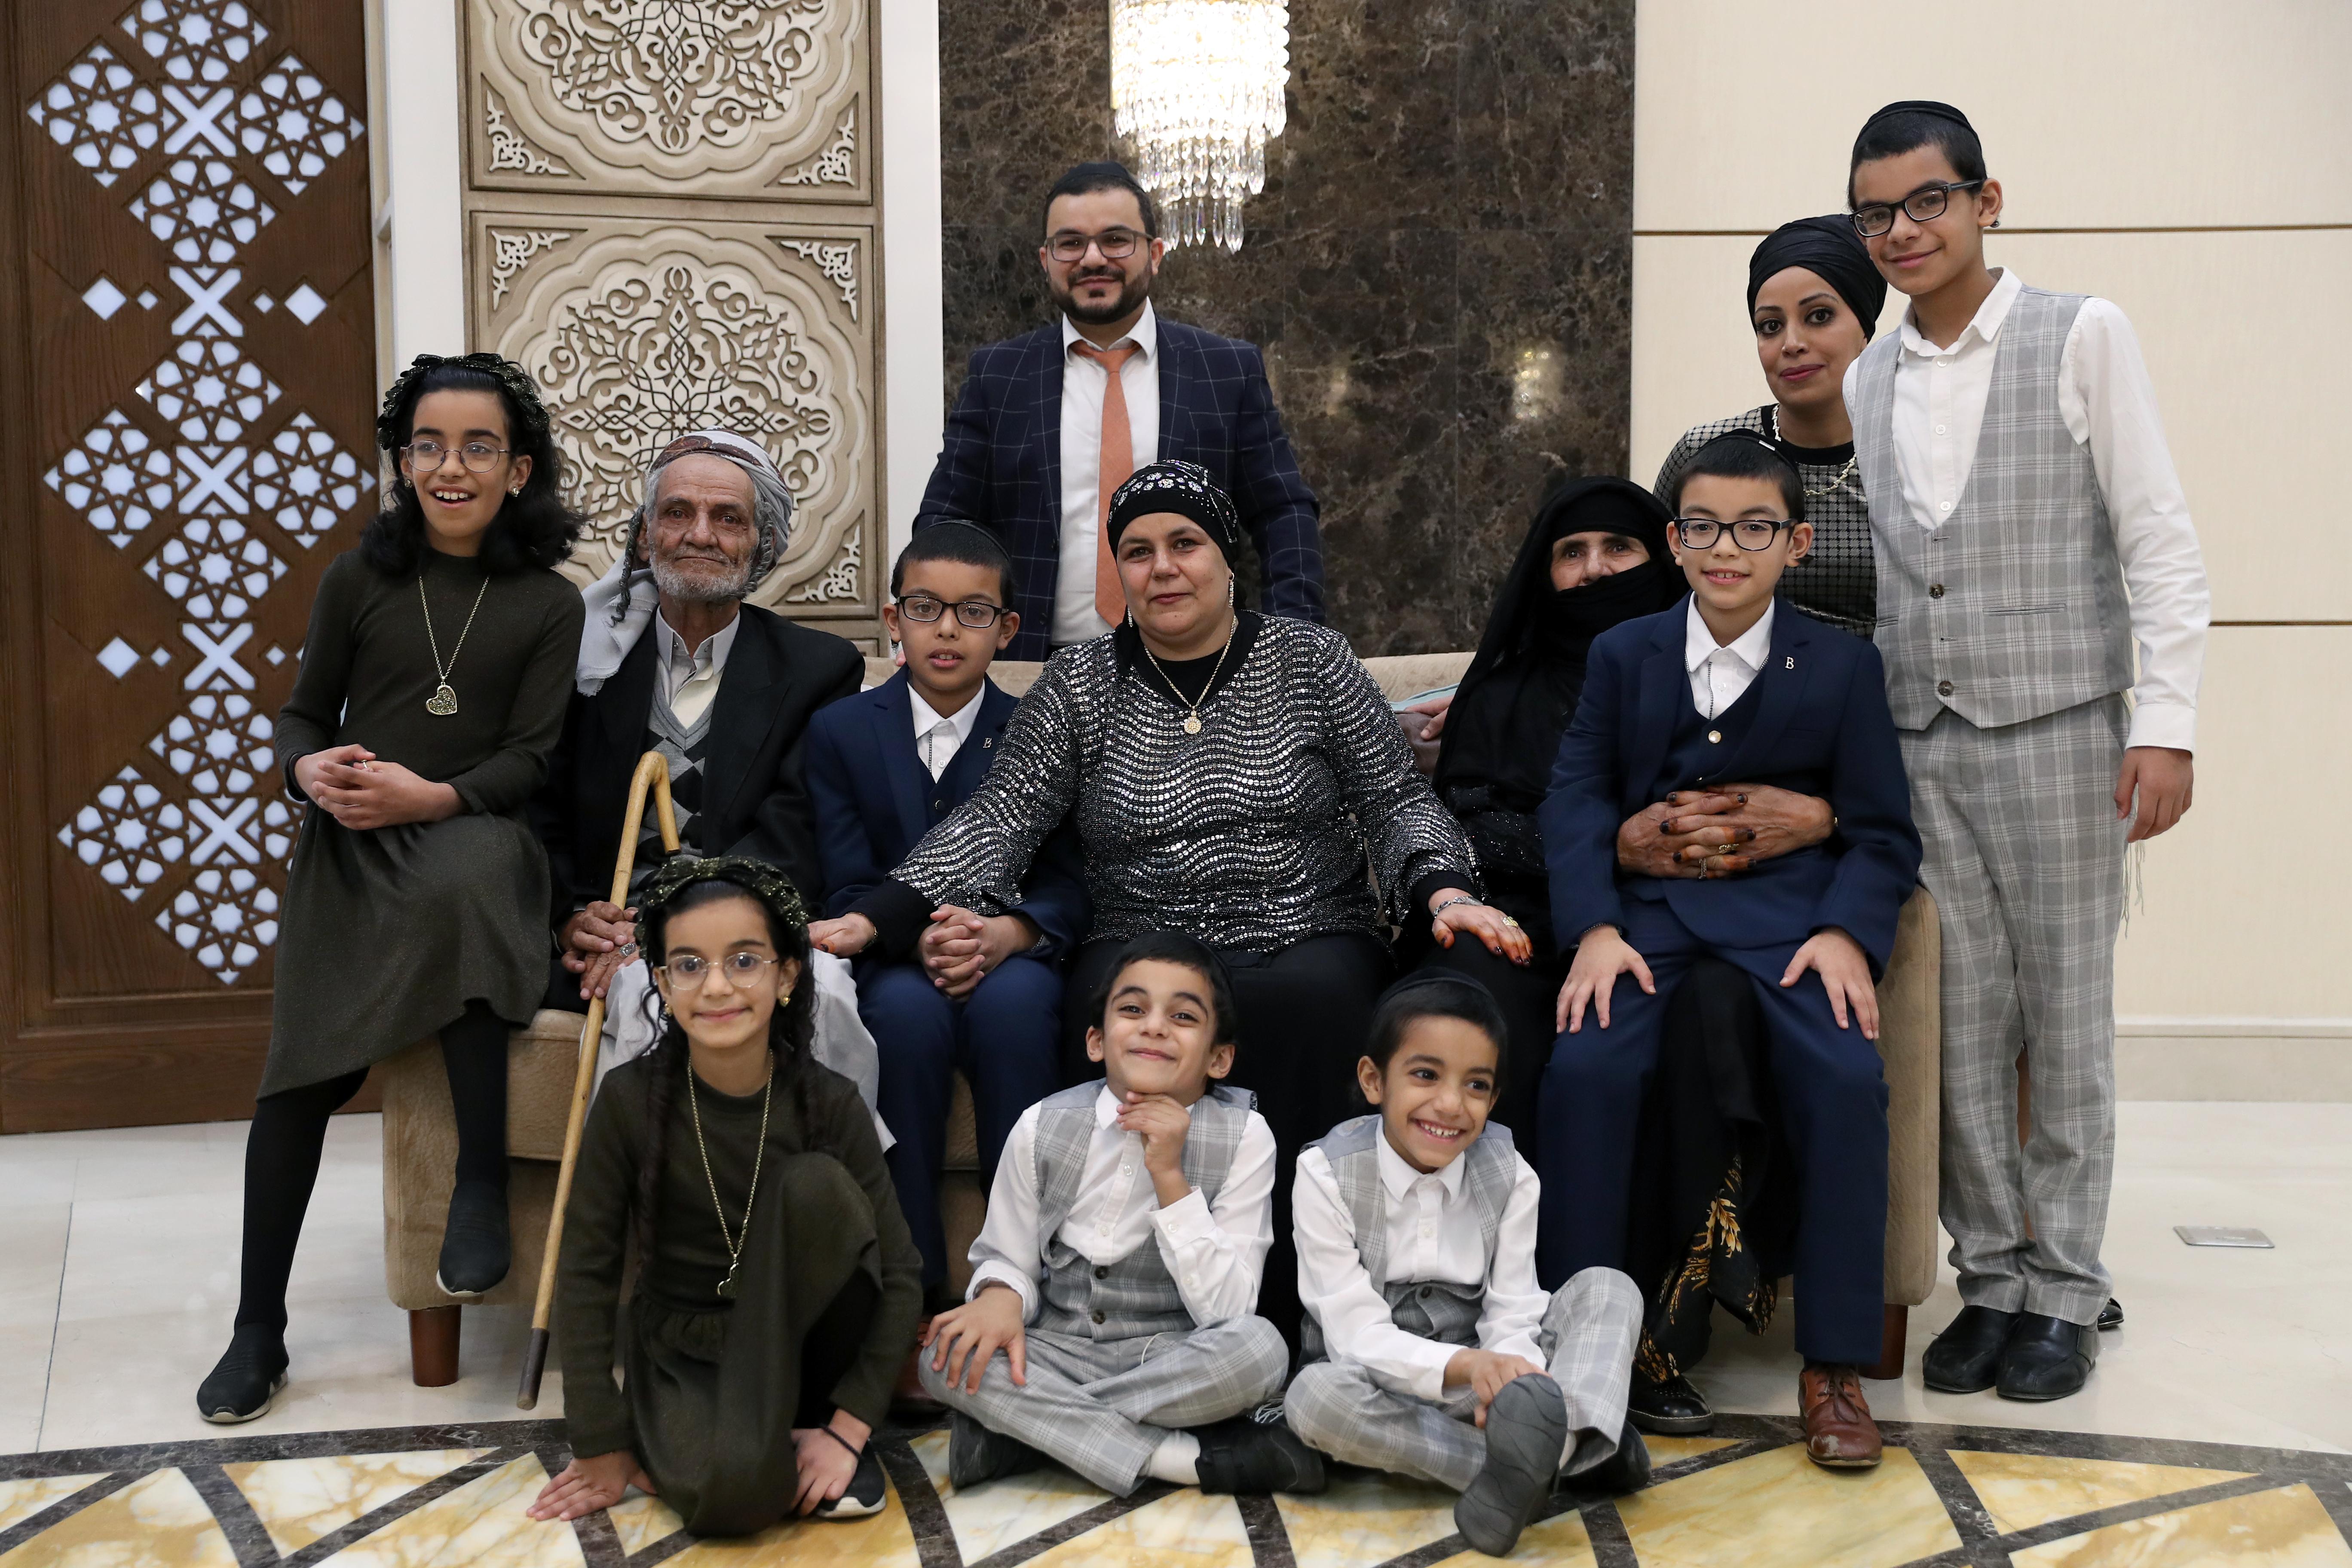 إعلاء لقيم الأخوة الإنسانية والتضامن .. الإمارات تجمع شمل عائلتين يمنيتين يهوديتين بعد فراق 21 عاما